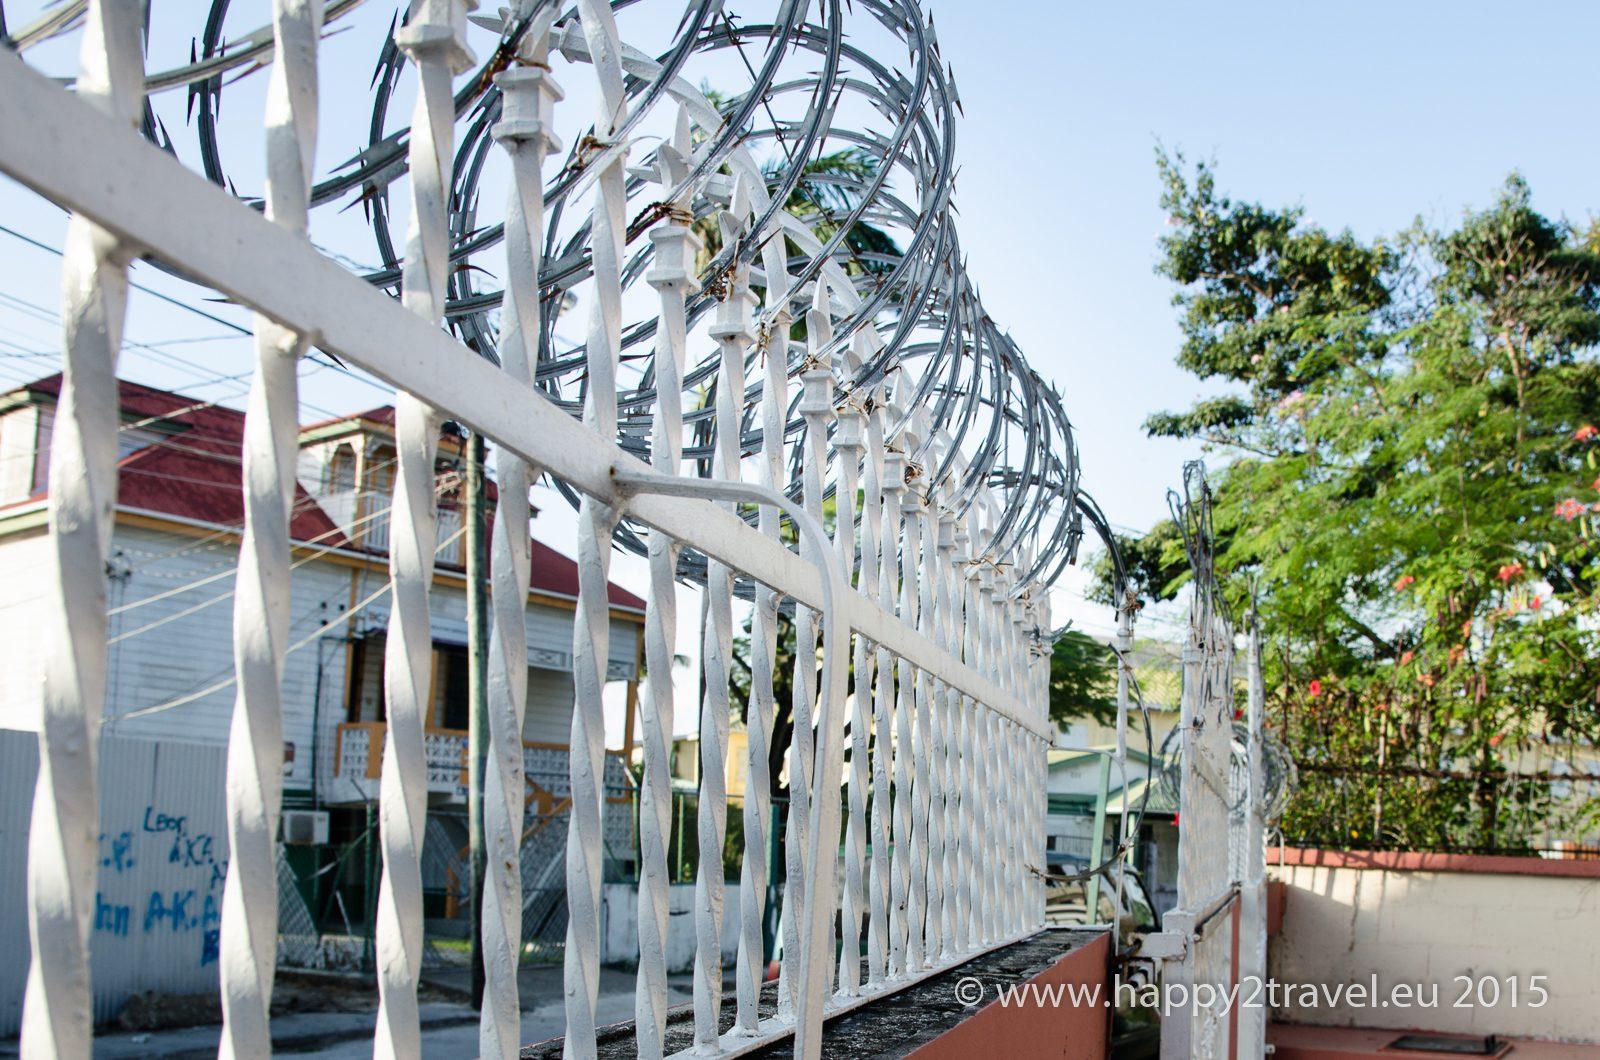 Belizská realita – žiletkovým drôtom sú obohnané aj hotely a reštaurácie